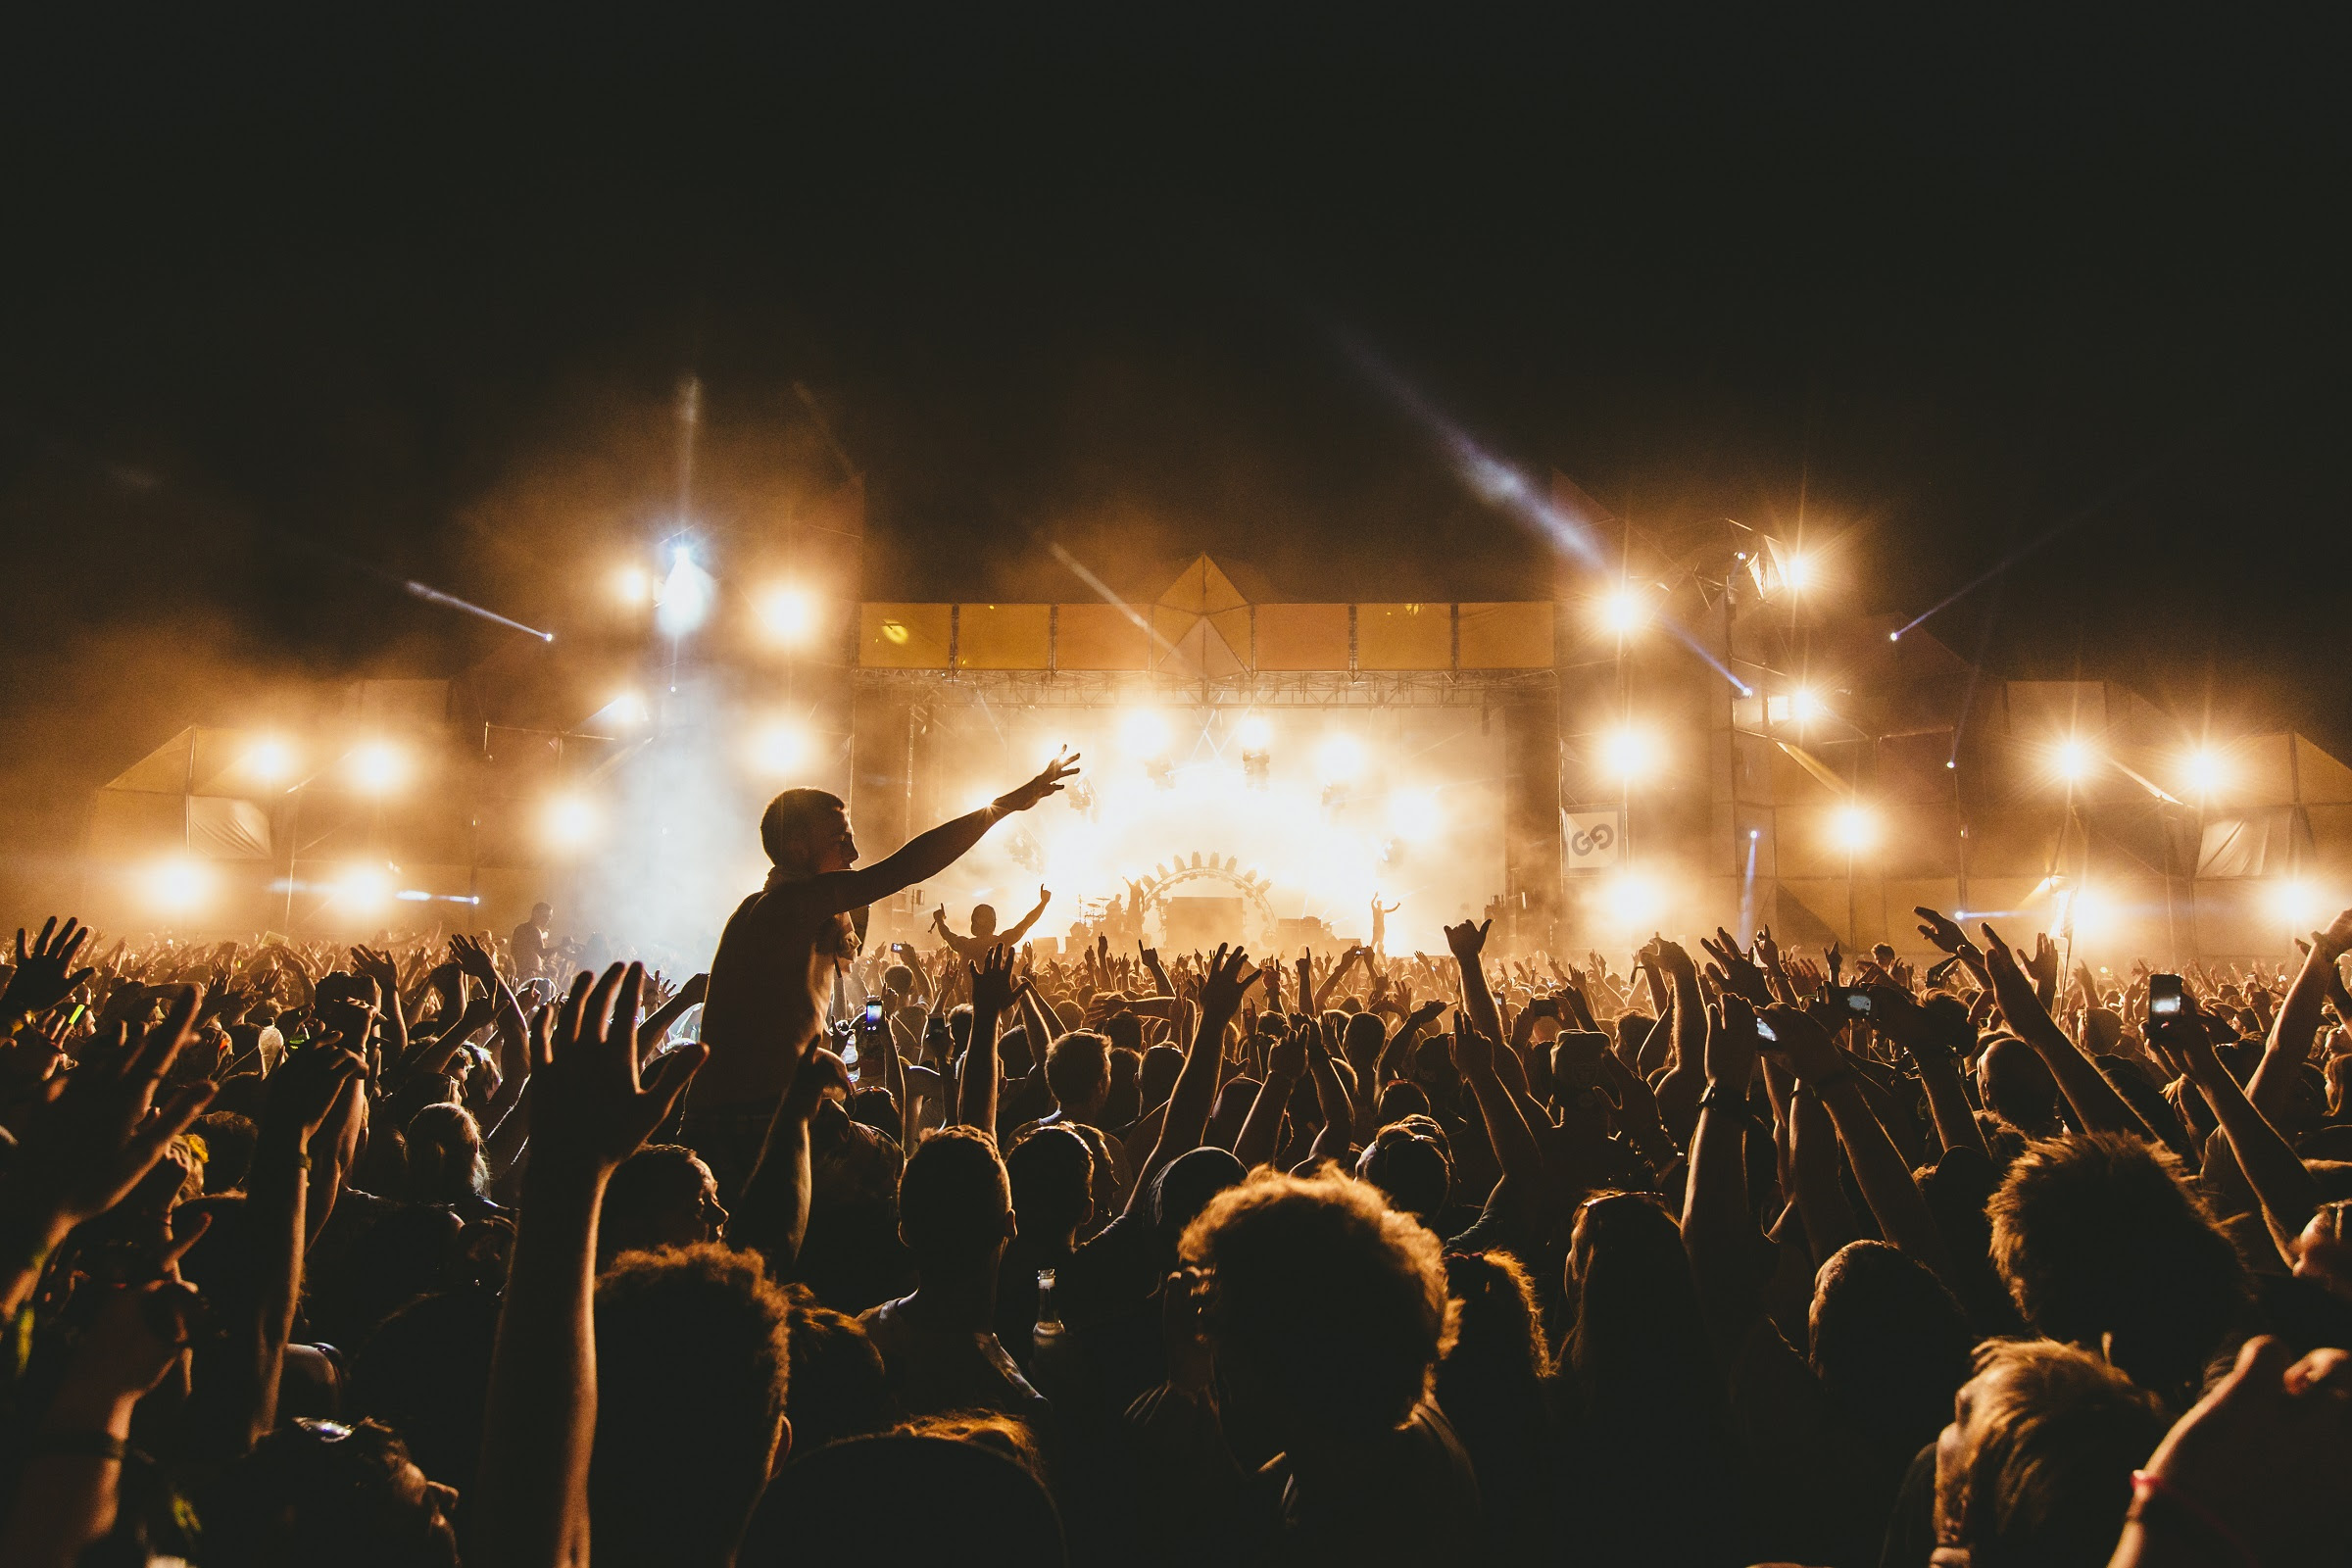 foto: © Paul Underhill van publiek met handen in lucht bij podium festival in nacht